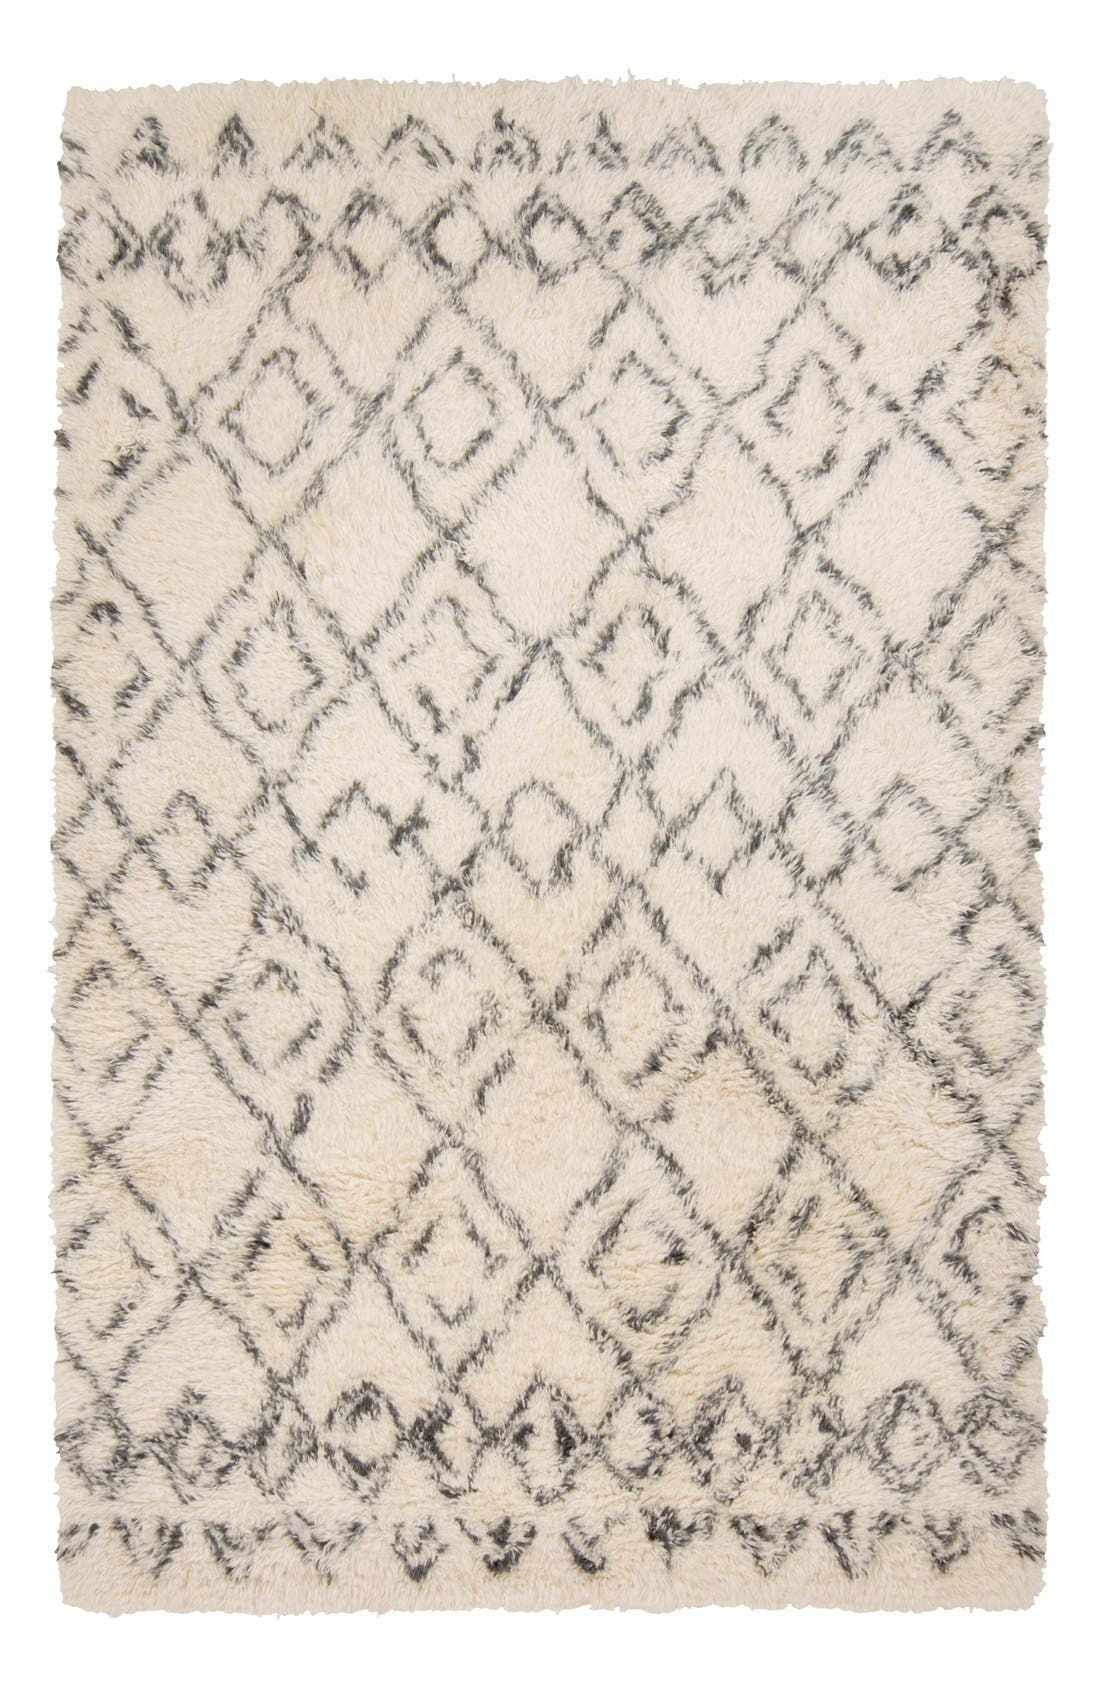 Main Image - Surya Home 'Tasman' New Zealand Wool Rug